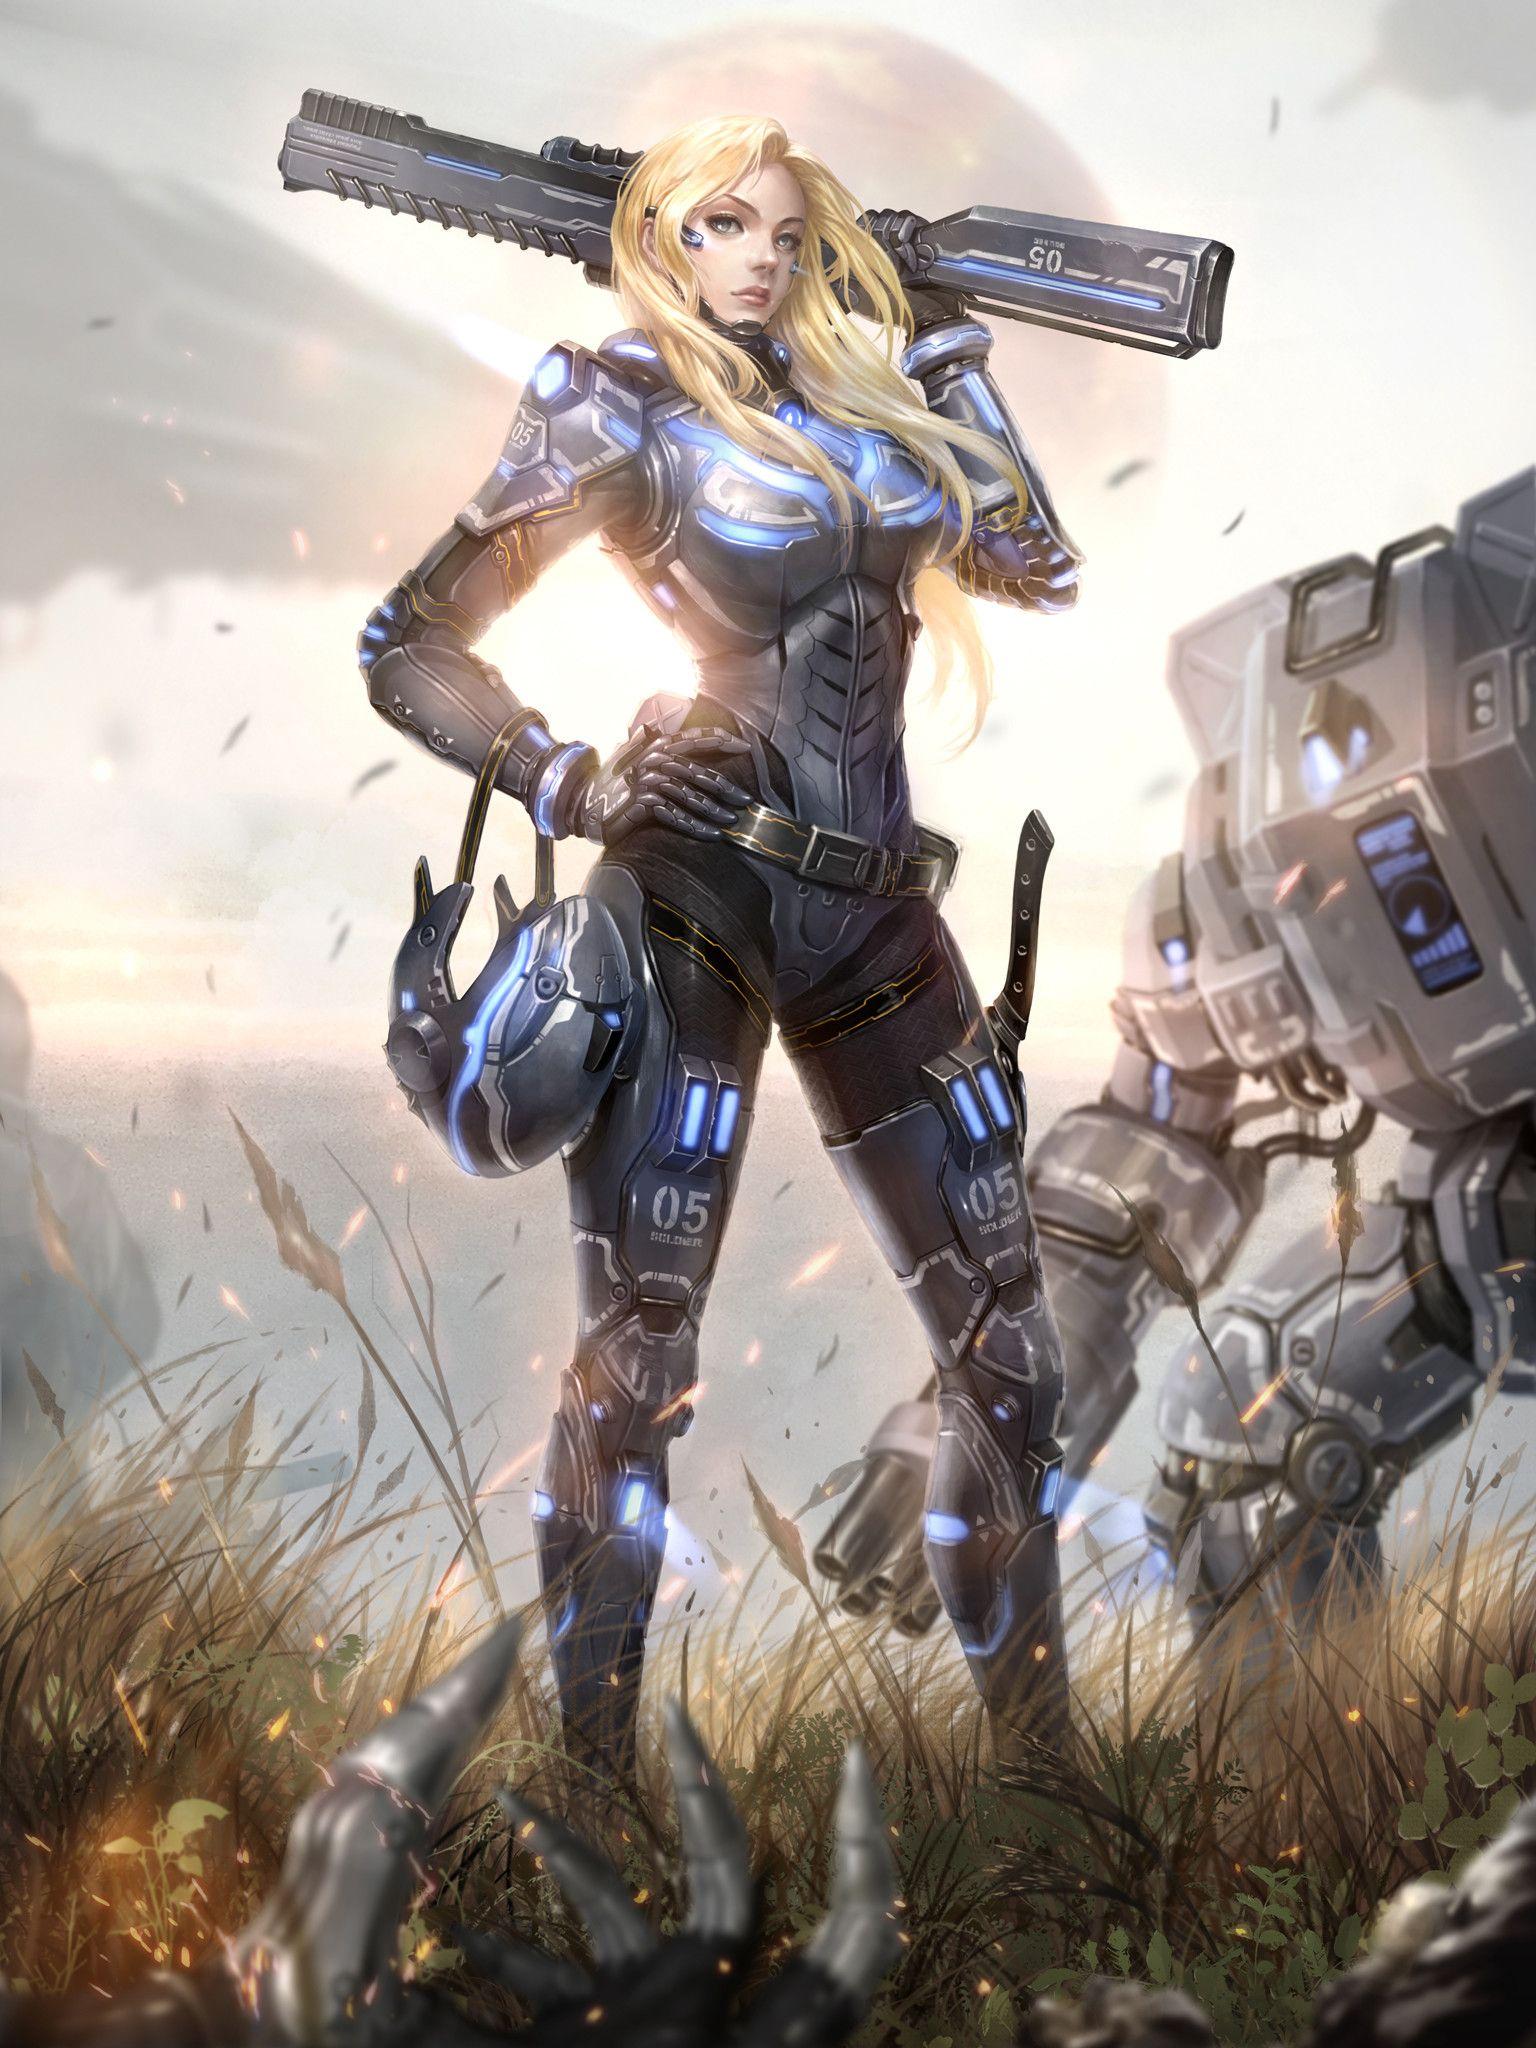 ArtStation - Female soldier, Yoon LEE   Cyberpunk art ...